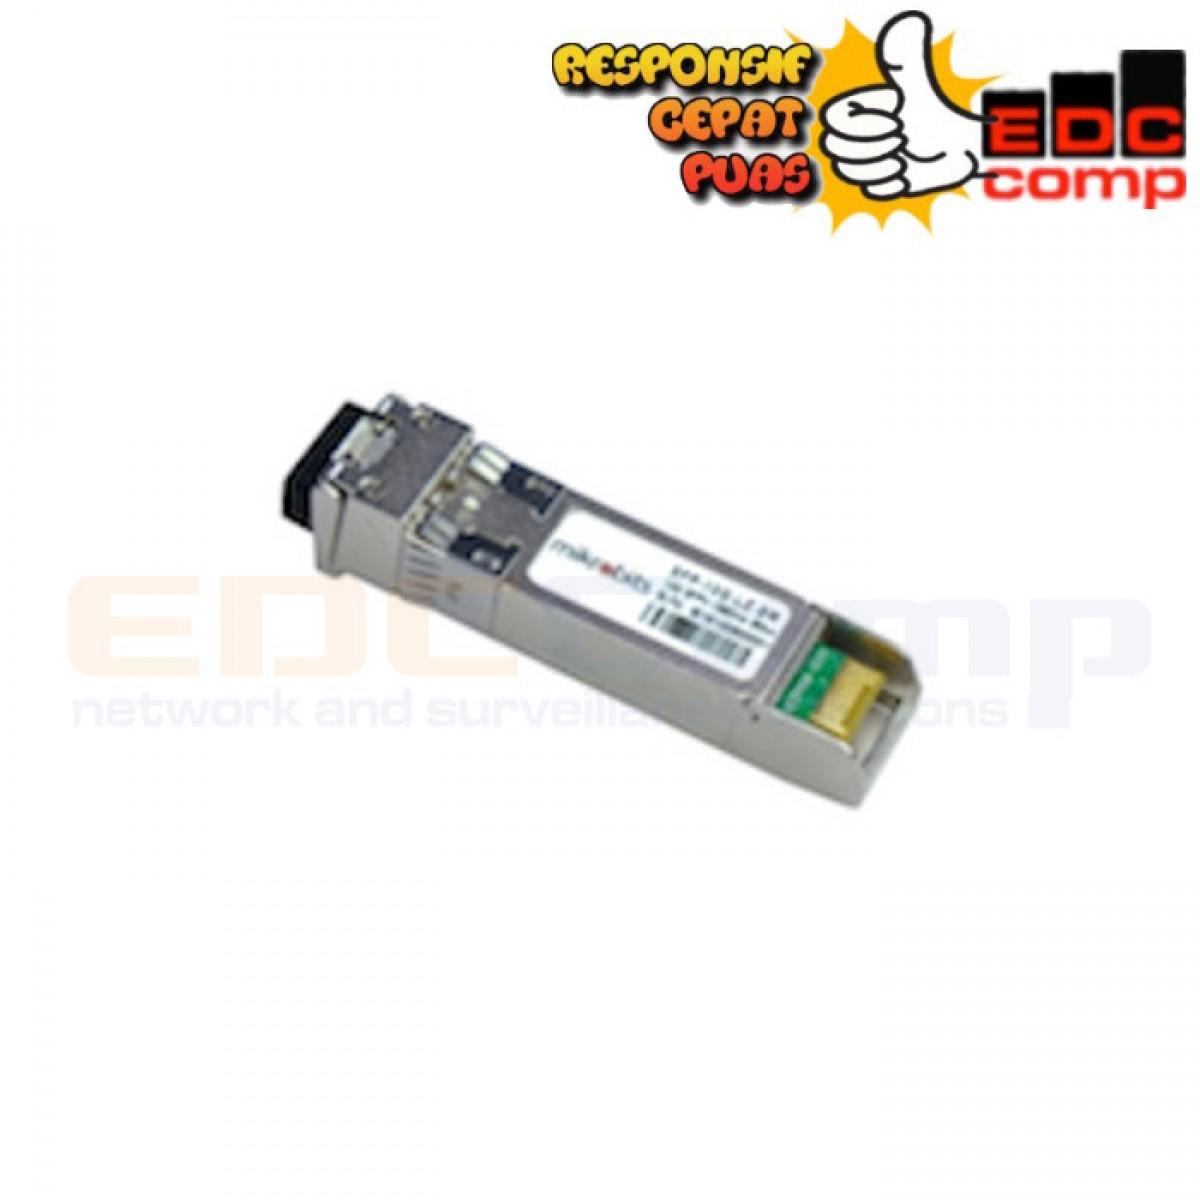 Mikrobits SFP Transceiver SFP-10G-LZ-SM - EdcComp